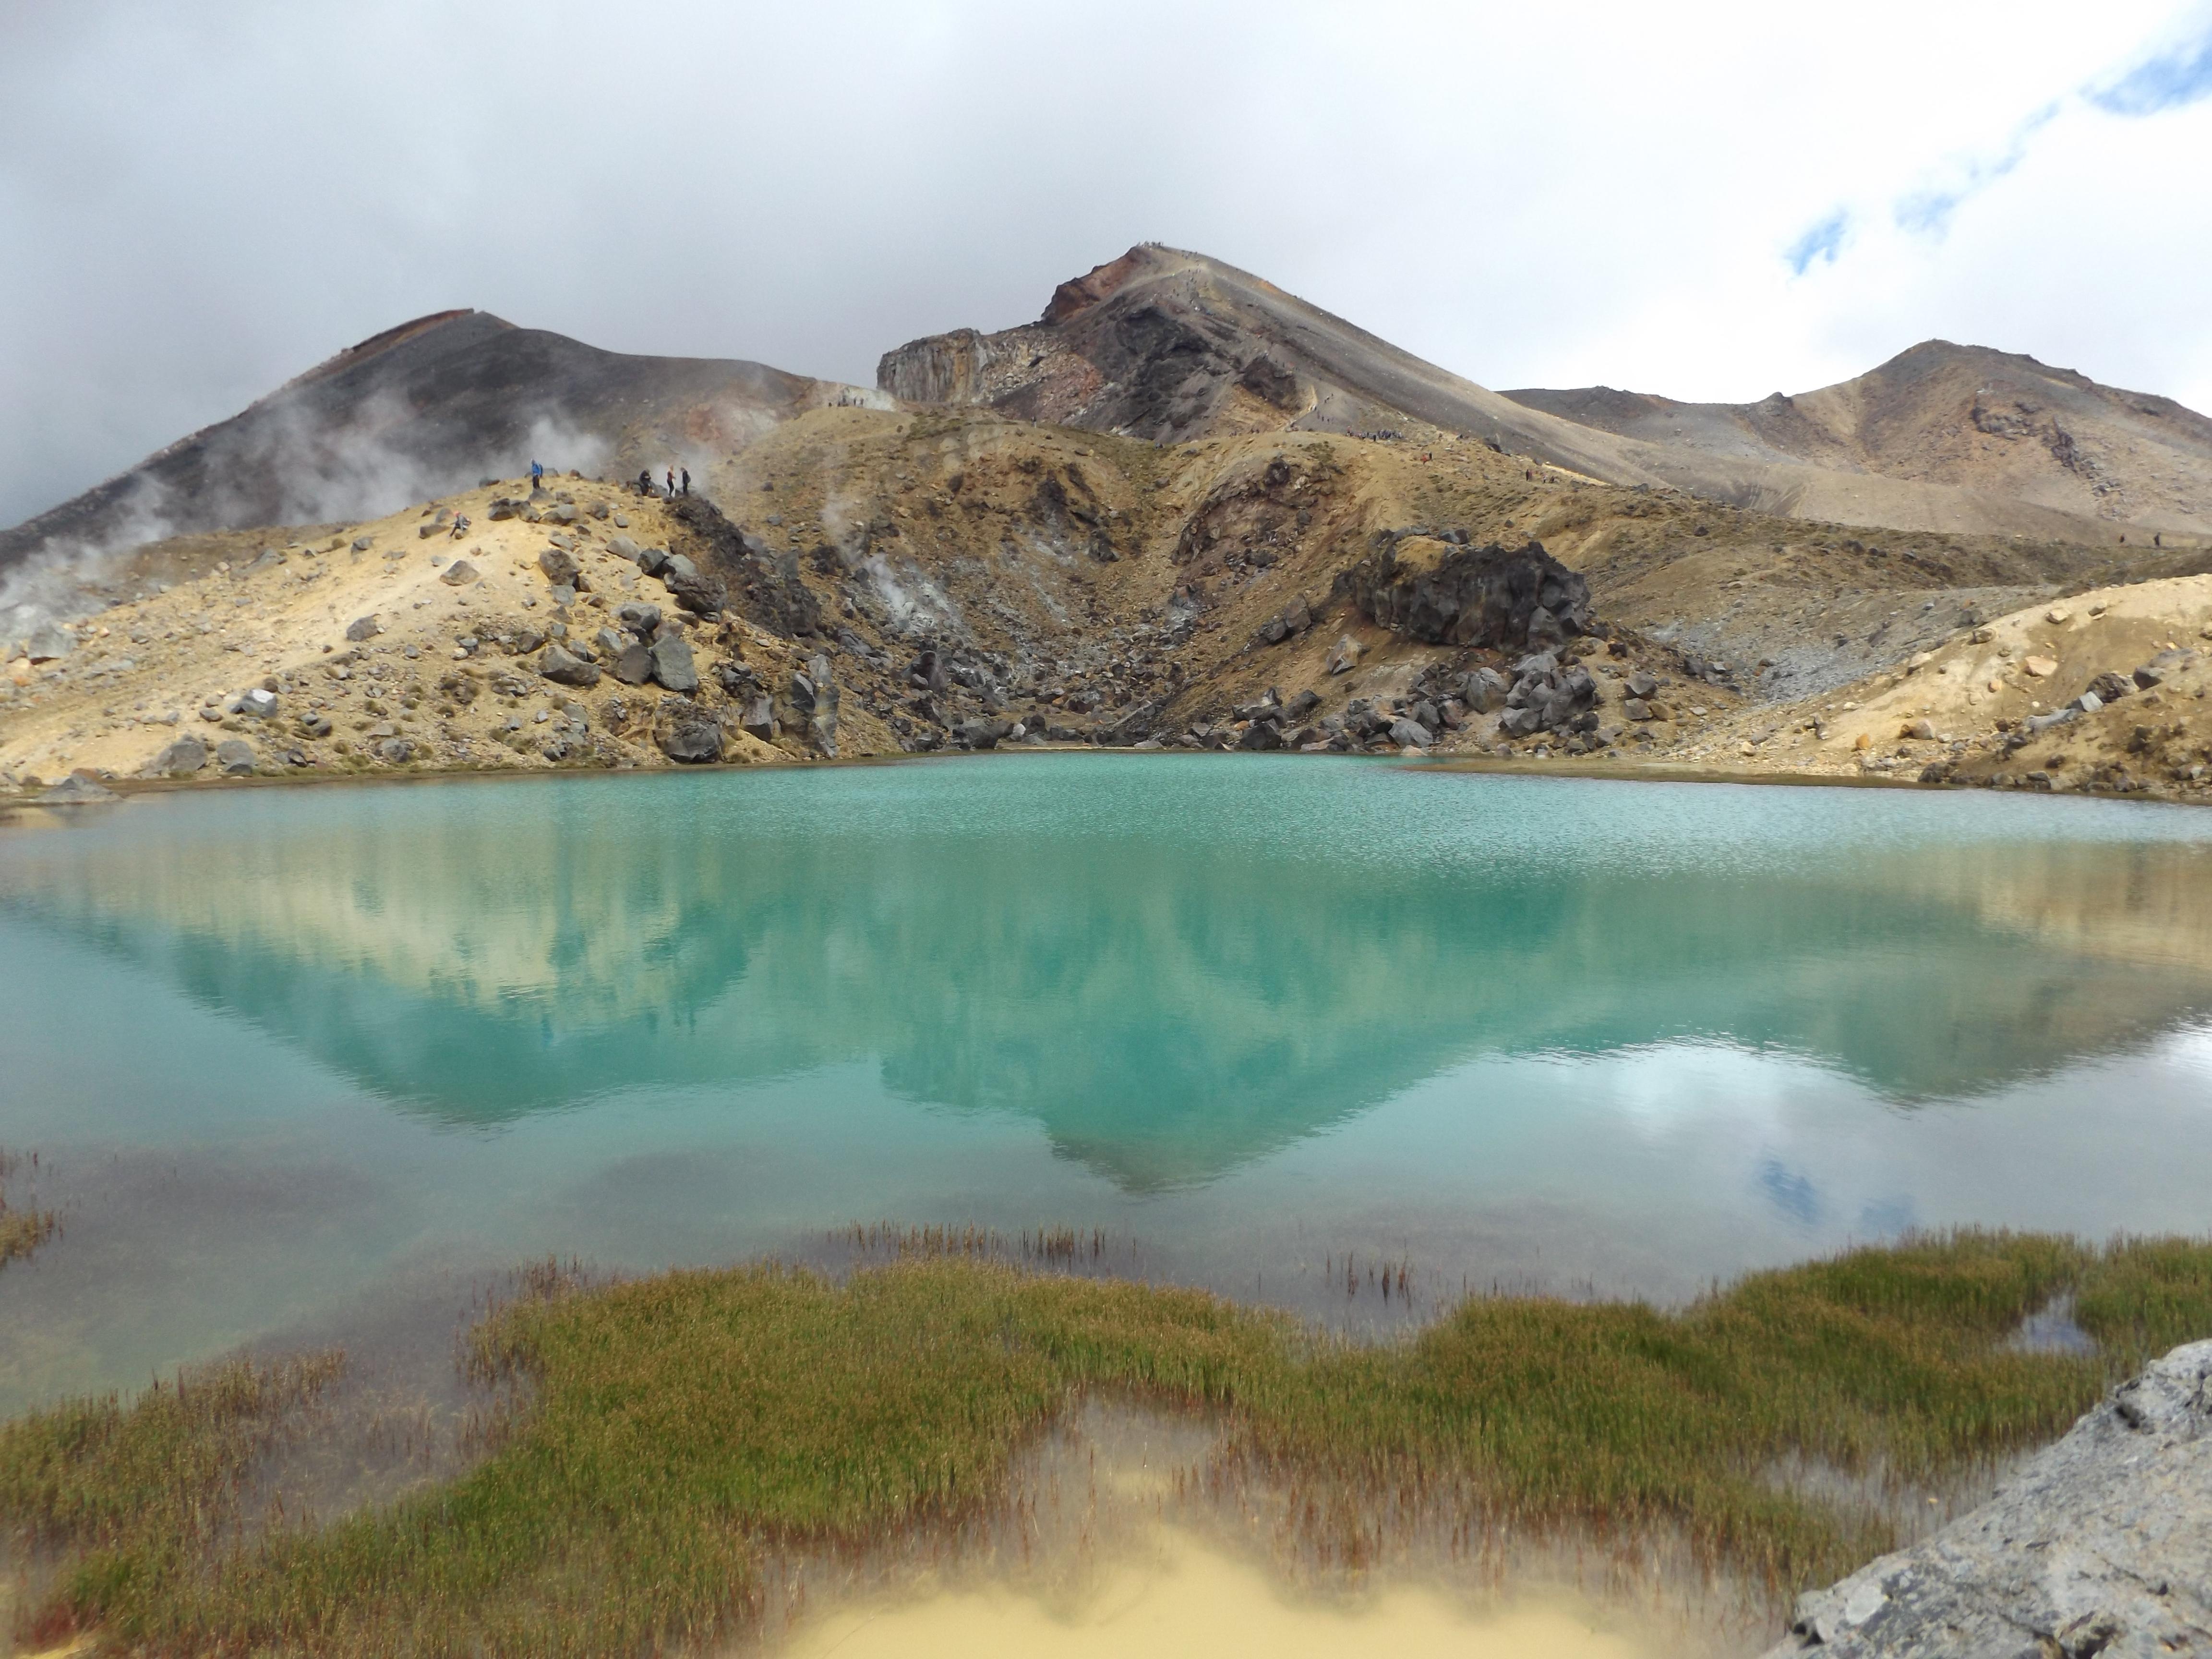 Petit Lac sur le parcours de l'Alpine Tongariro Crossing